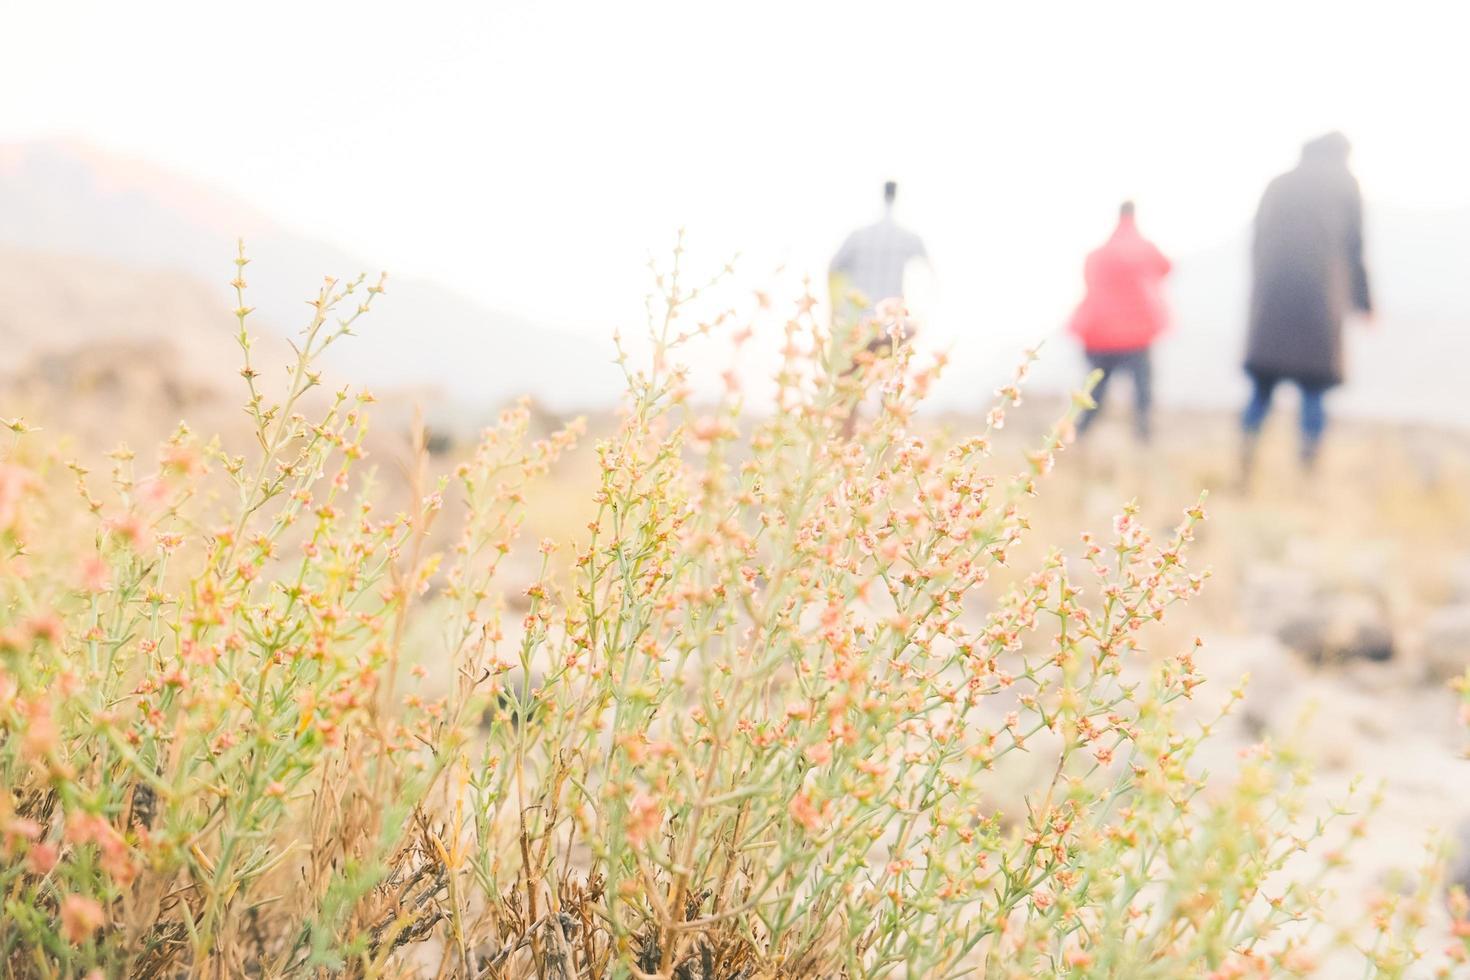 un buisson de petites fleurs sauvages dans le pré photo